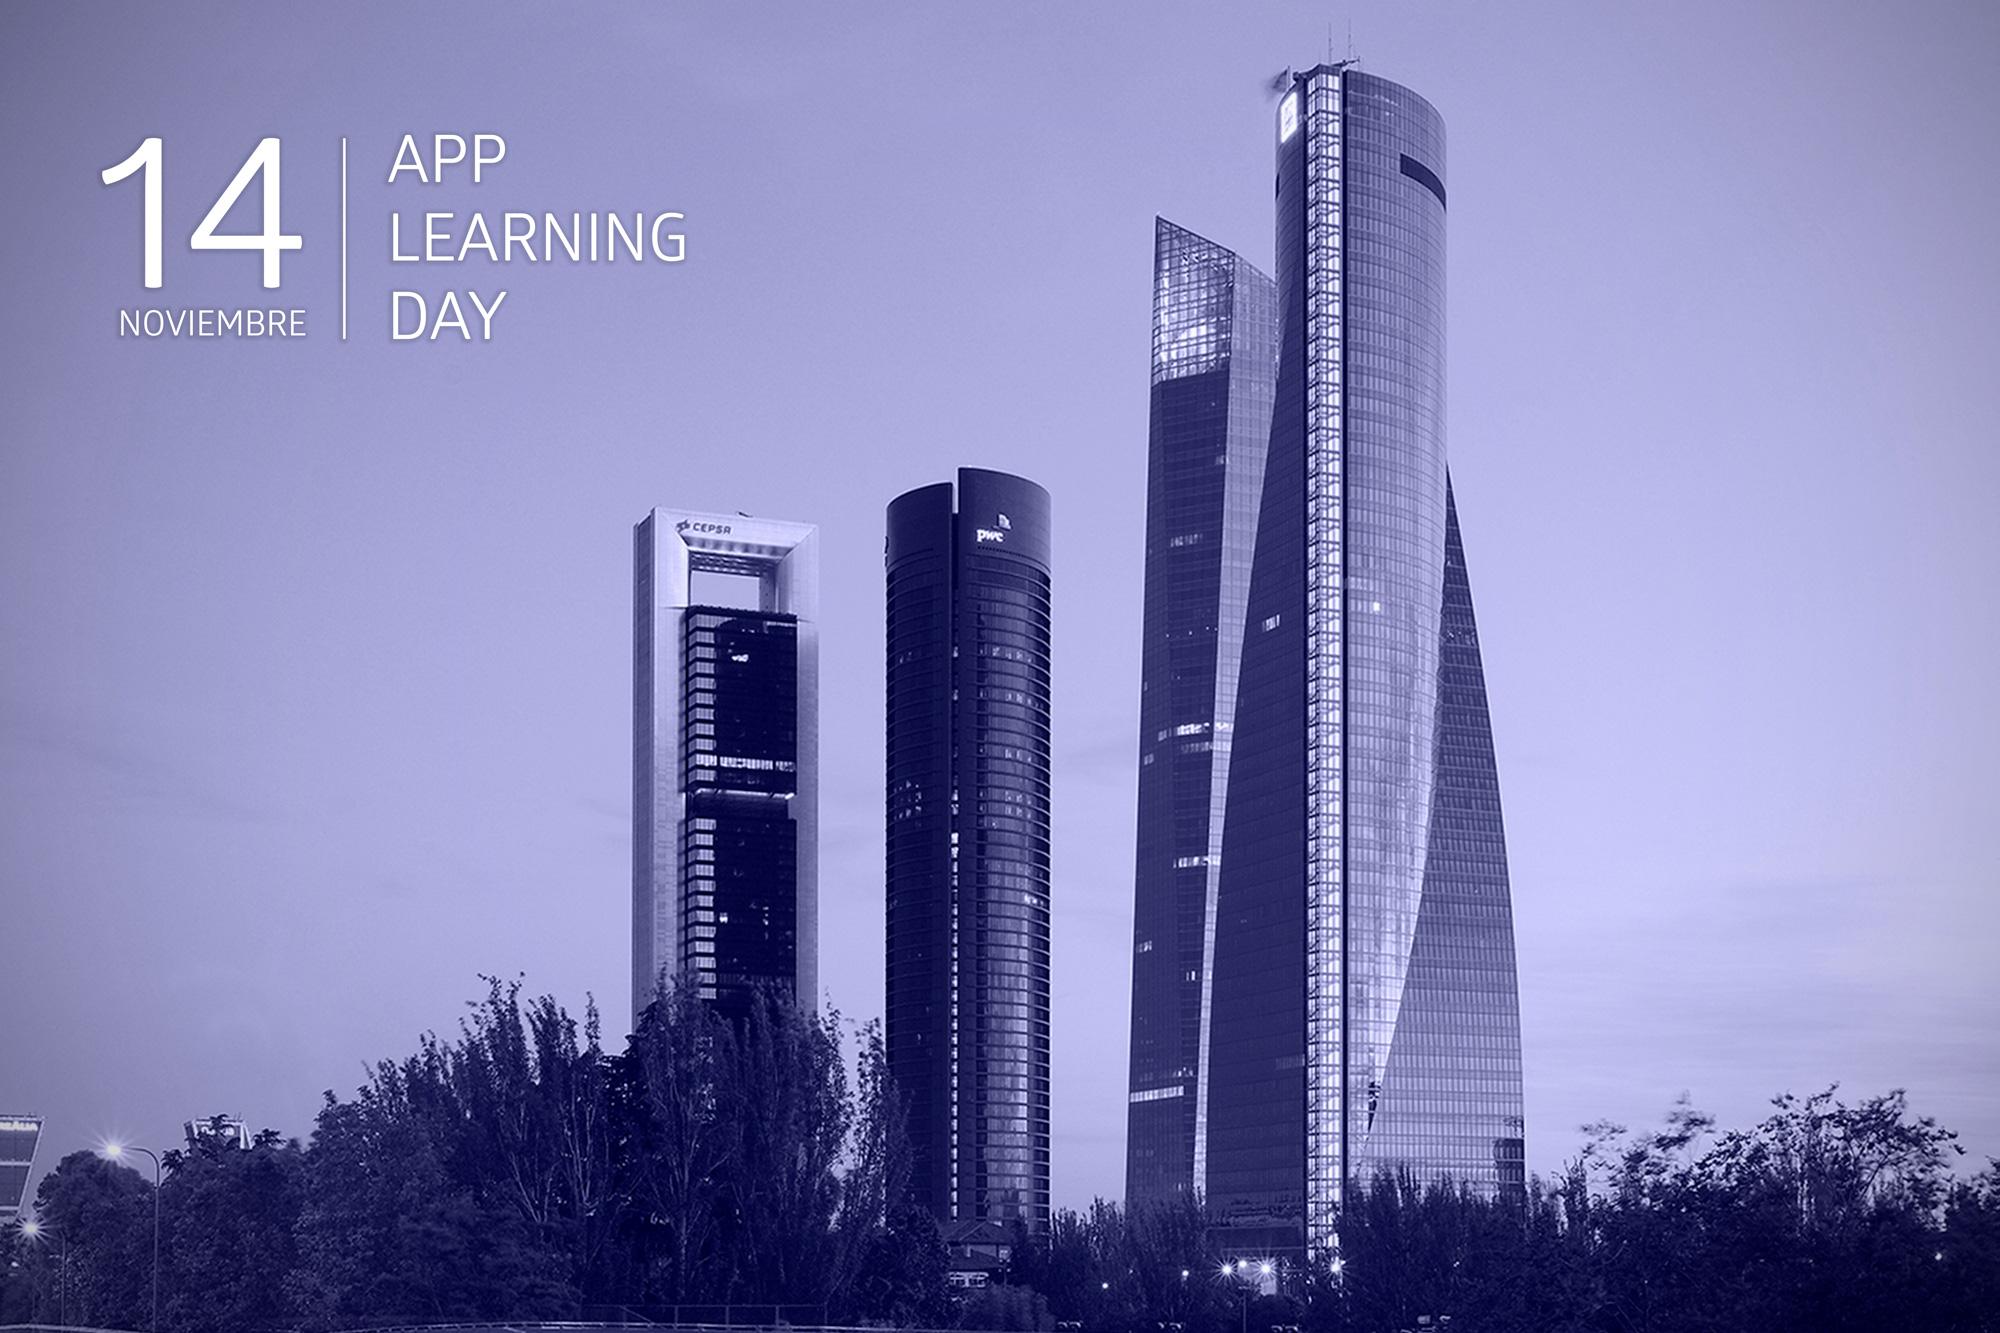 Torre-Espacio_talleres-Atlassian_DEISER-Enterprise-Days-2018